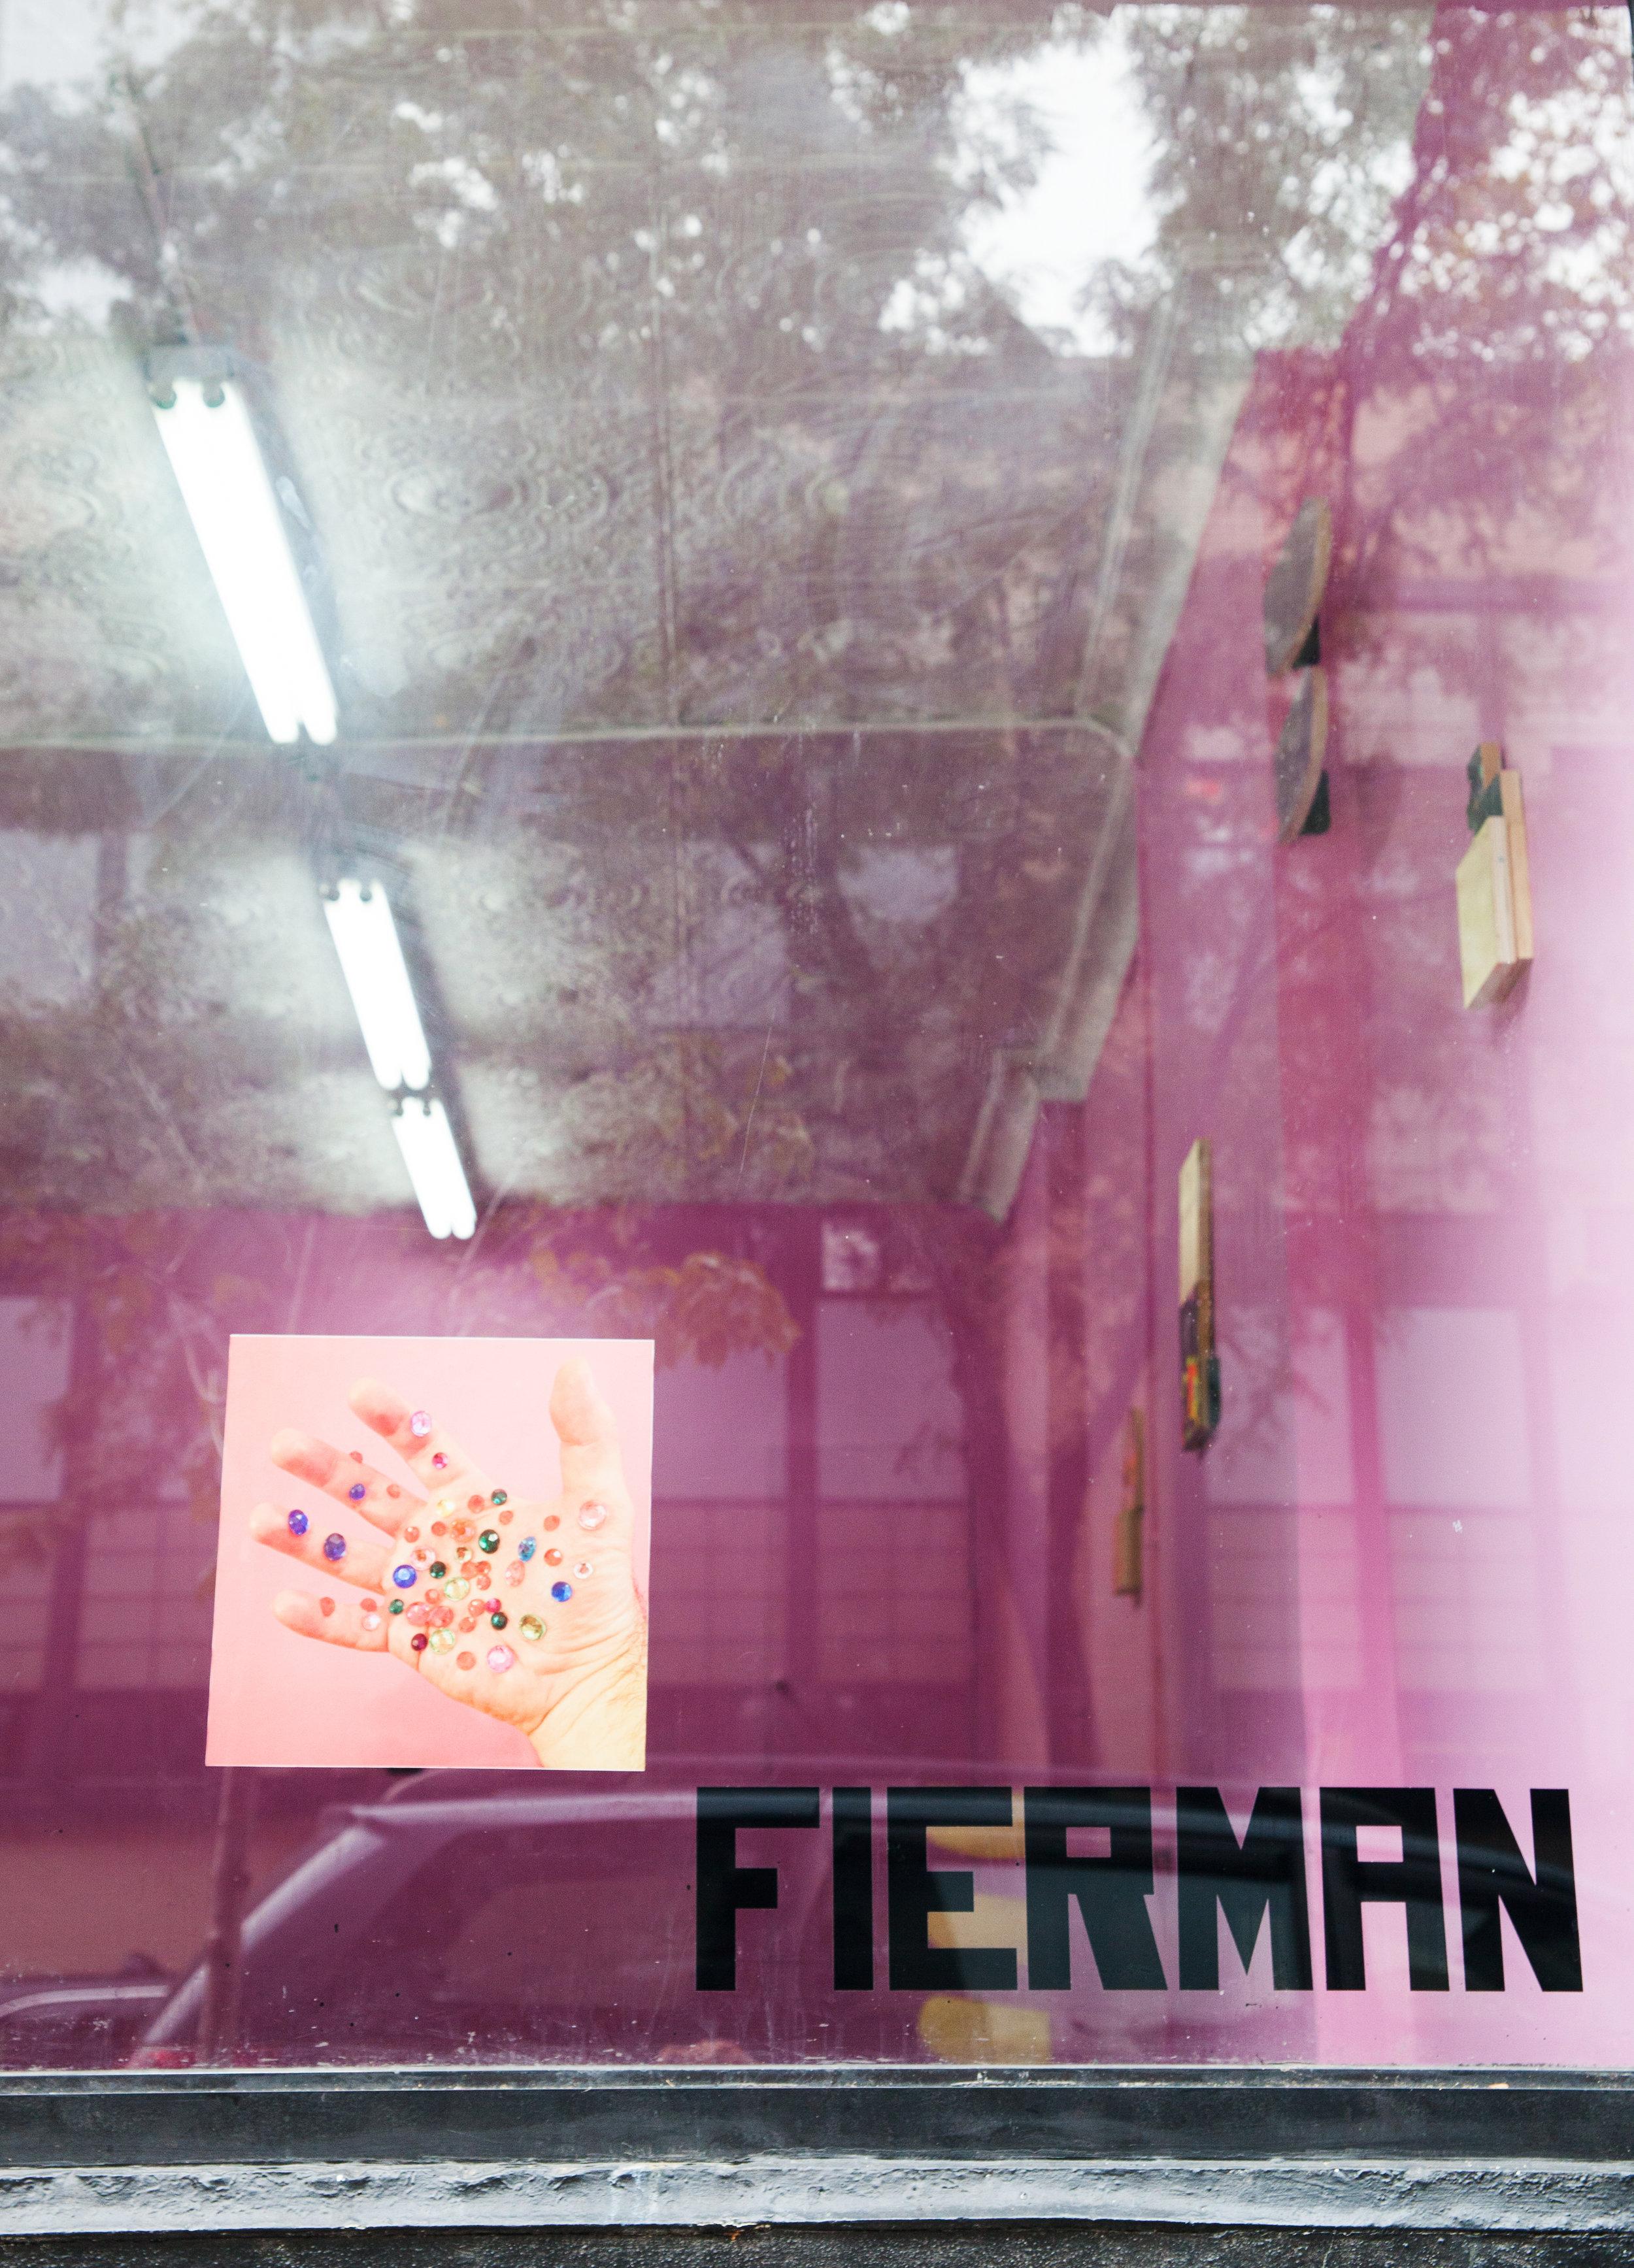 fierman-2154.jpg